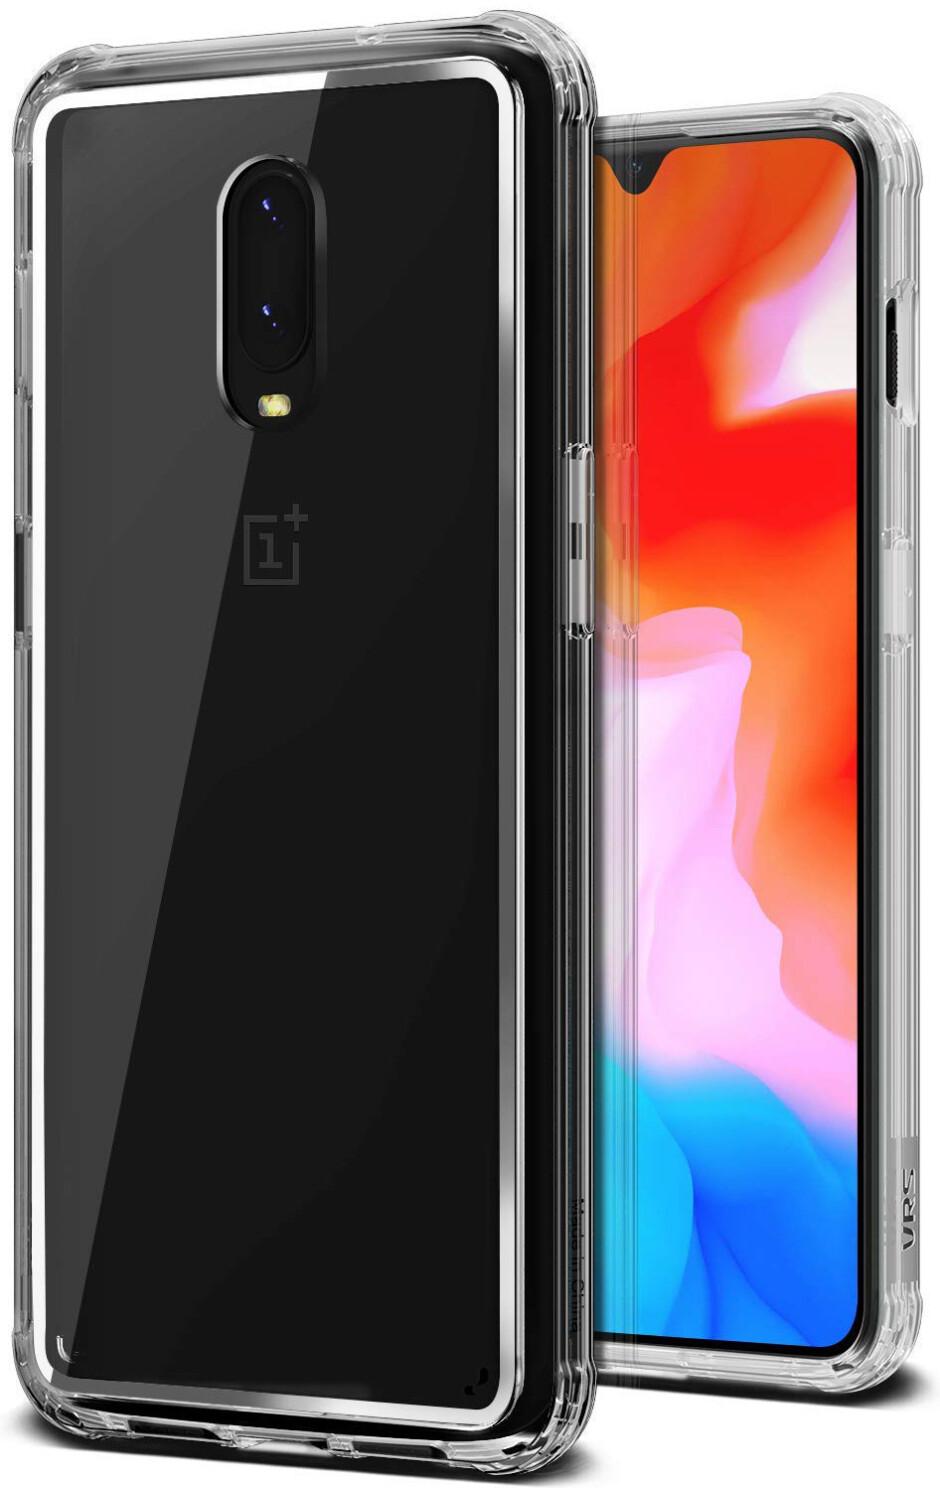 Best OnePlus 6T cases